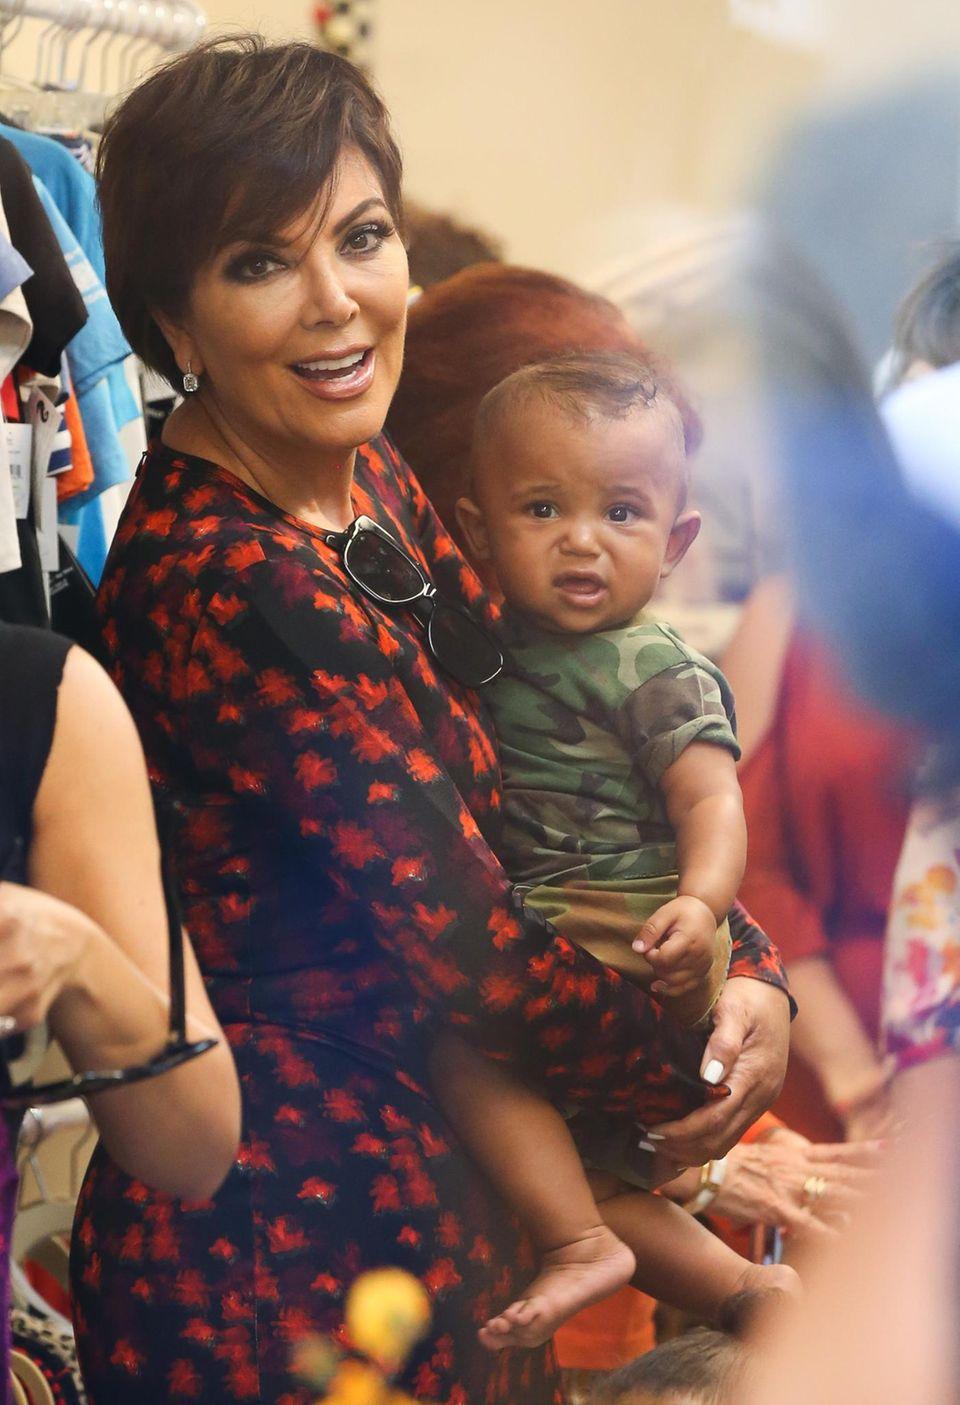 26. Juli 2016: Kris Jenner ist eine stolze Oma: Die TV-Persönlichkeit beruhigt den kleinen Saint bei seinem ersten großen Auftritt.